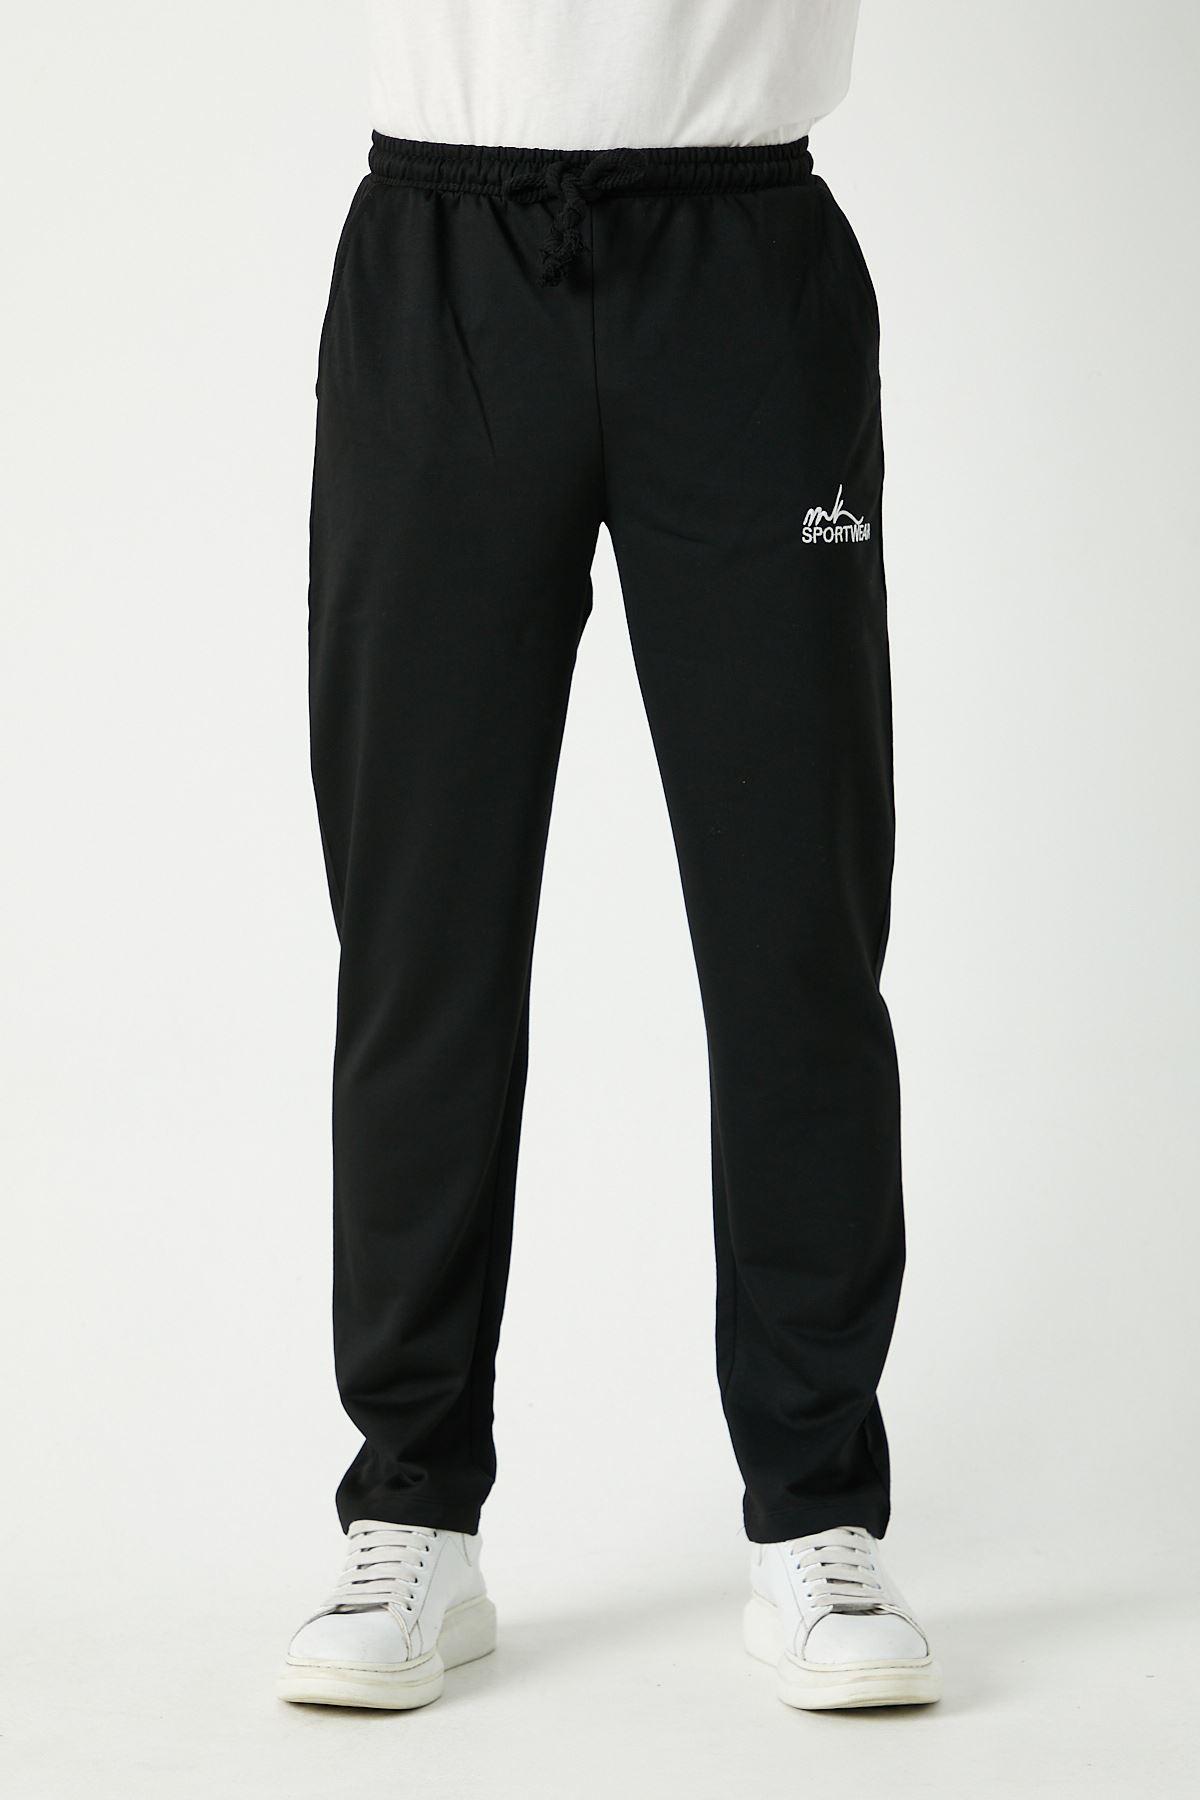 Erkek Sportwear Nakış Düz Paça Siyah Eşofman Alt